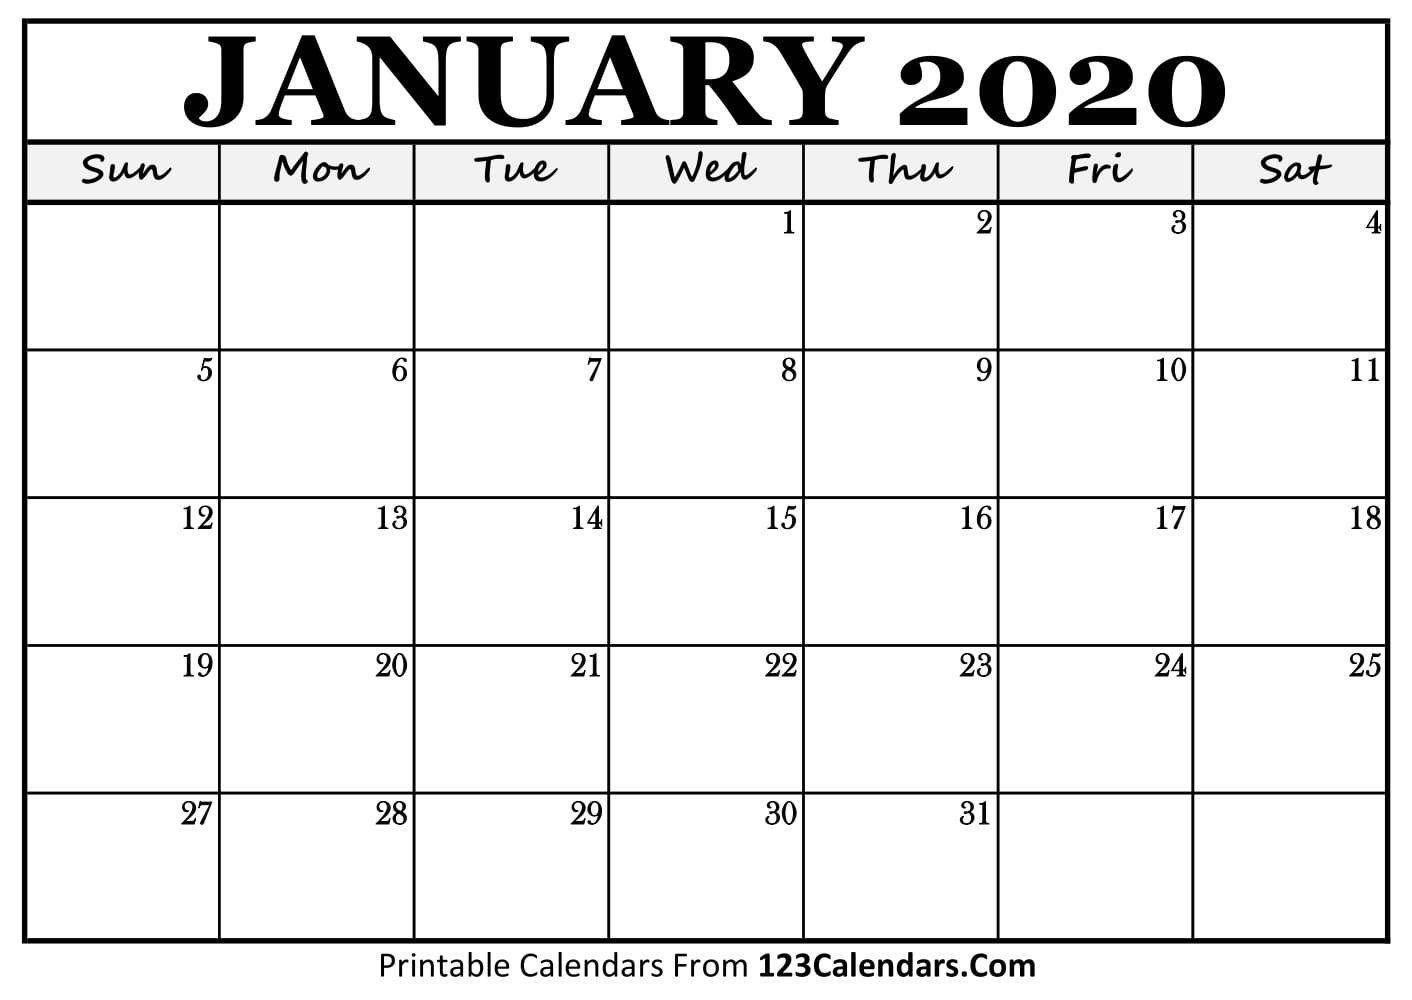 January 2020 Printable Calendar | 123Calendars A Calendar For January 2019